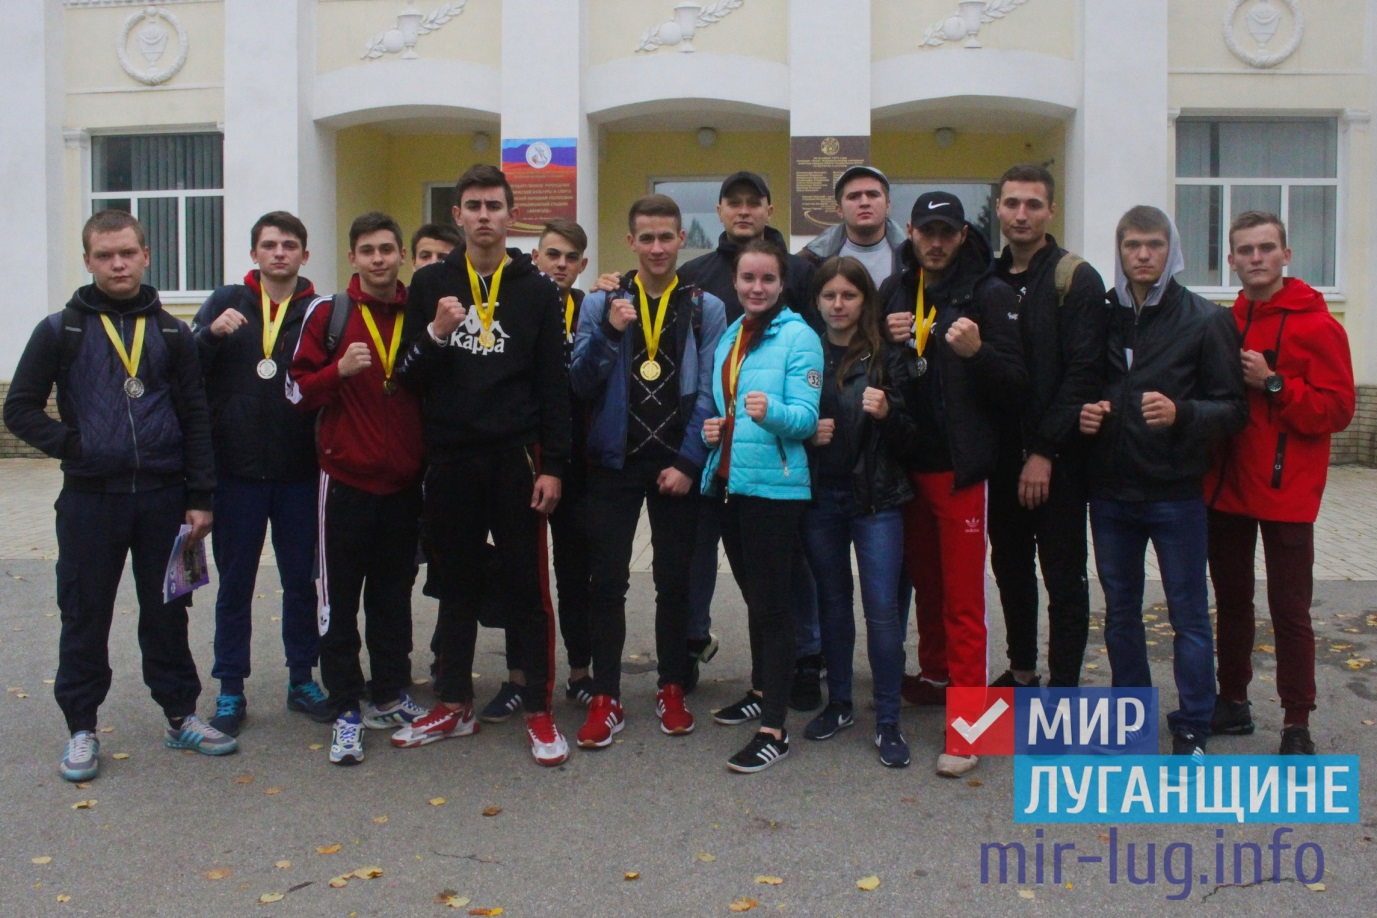 Активисты проекта «Дружина» совместно со спортсменами клуба «Осьминог» завоевали 21 золотую медаль на турнире в Луганске 1